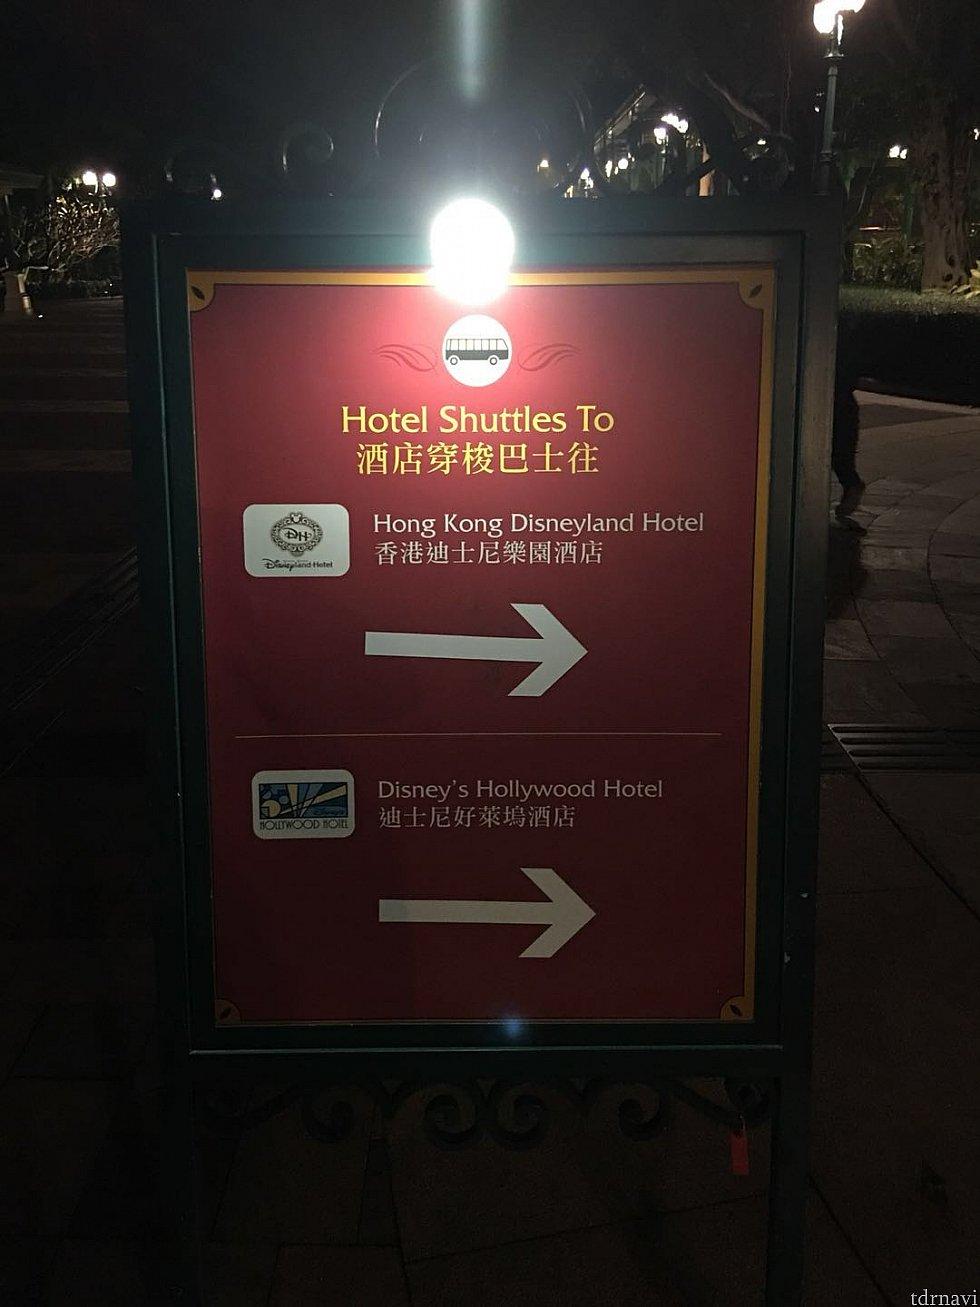 ディズニーランドホテルとハリウッドホテル行きの乗り場は同じエリアとなっていました。